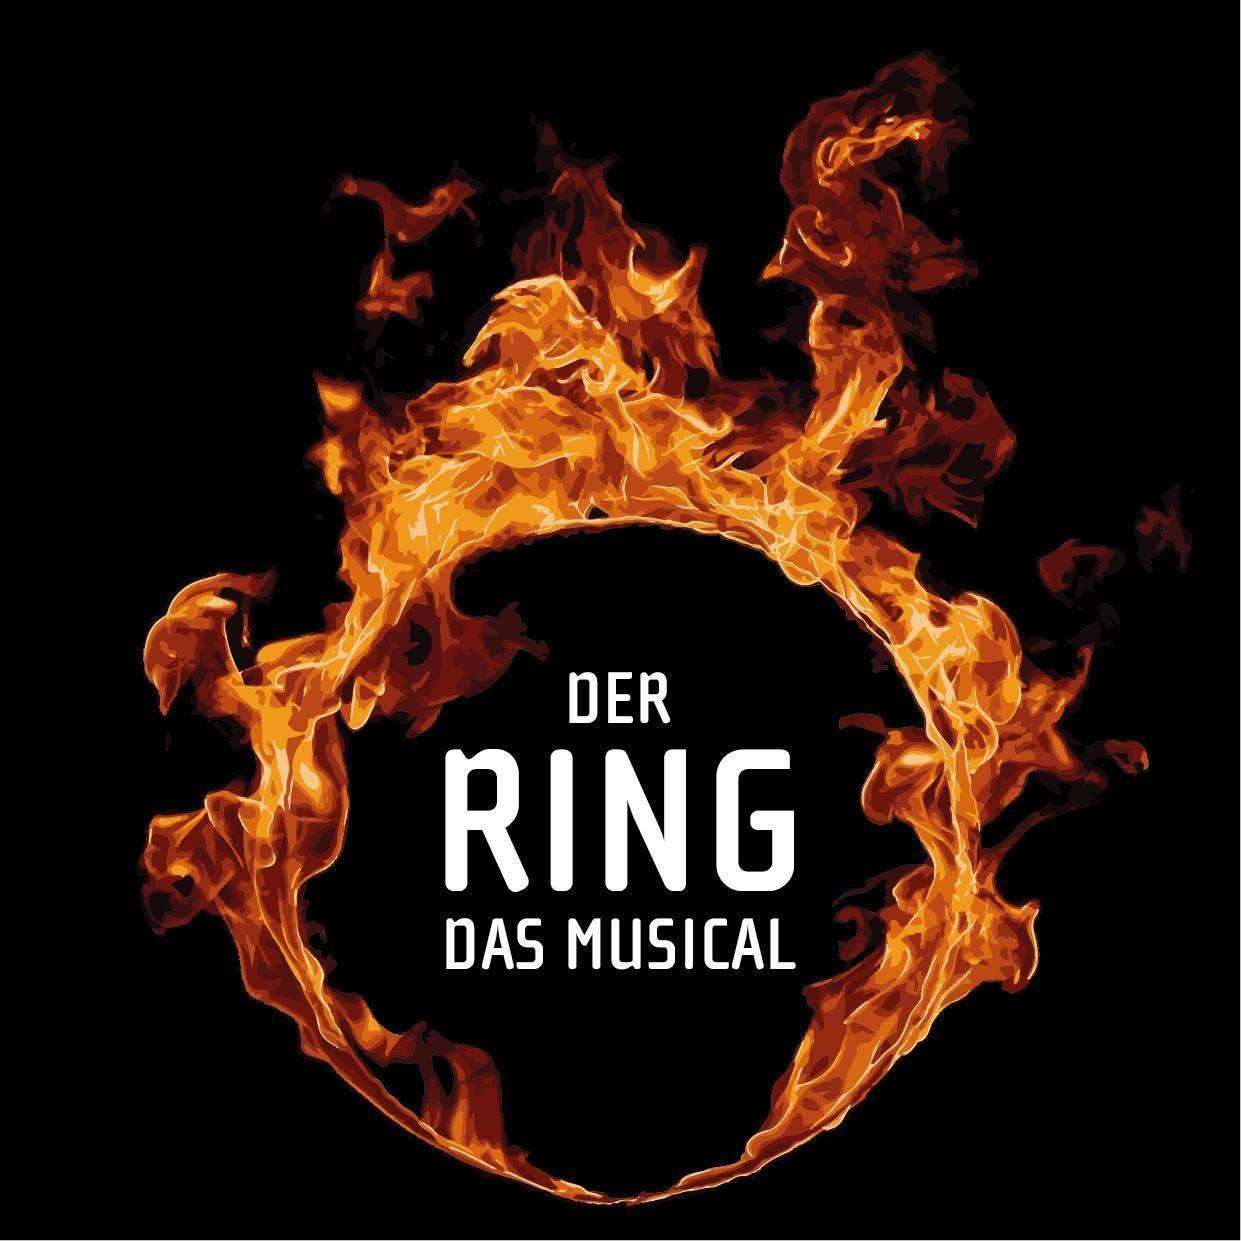 Der Ring - Das Musical 2